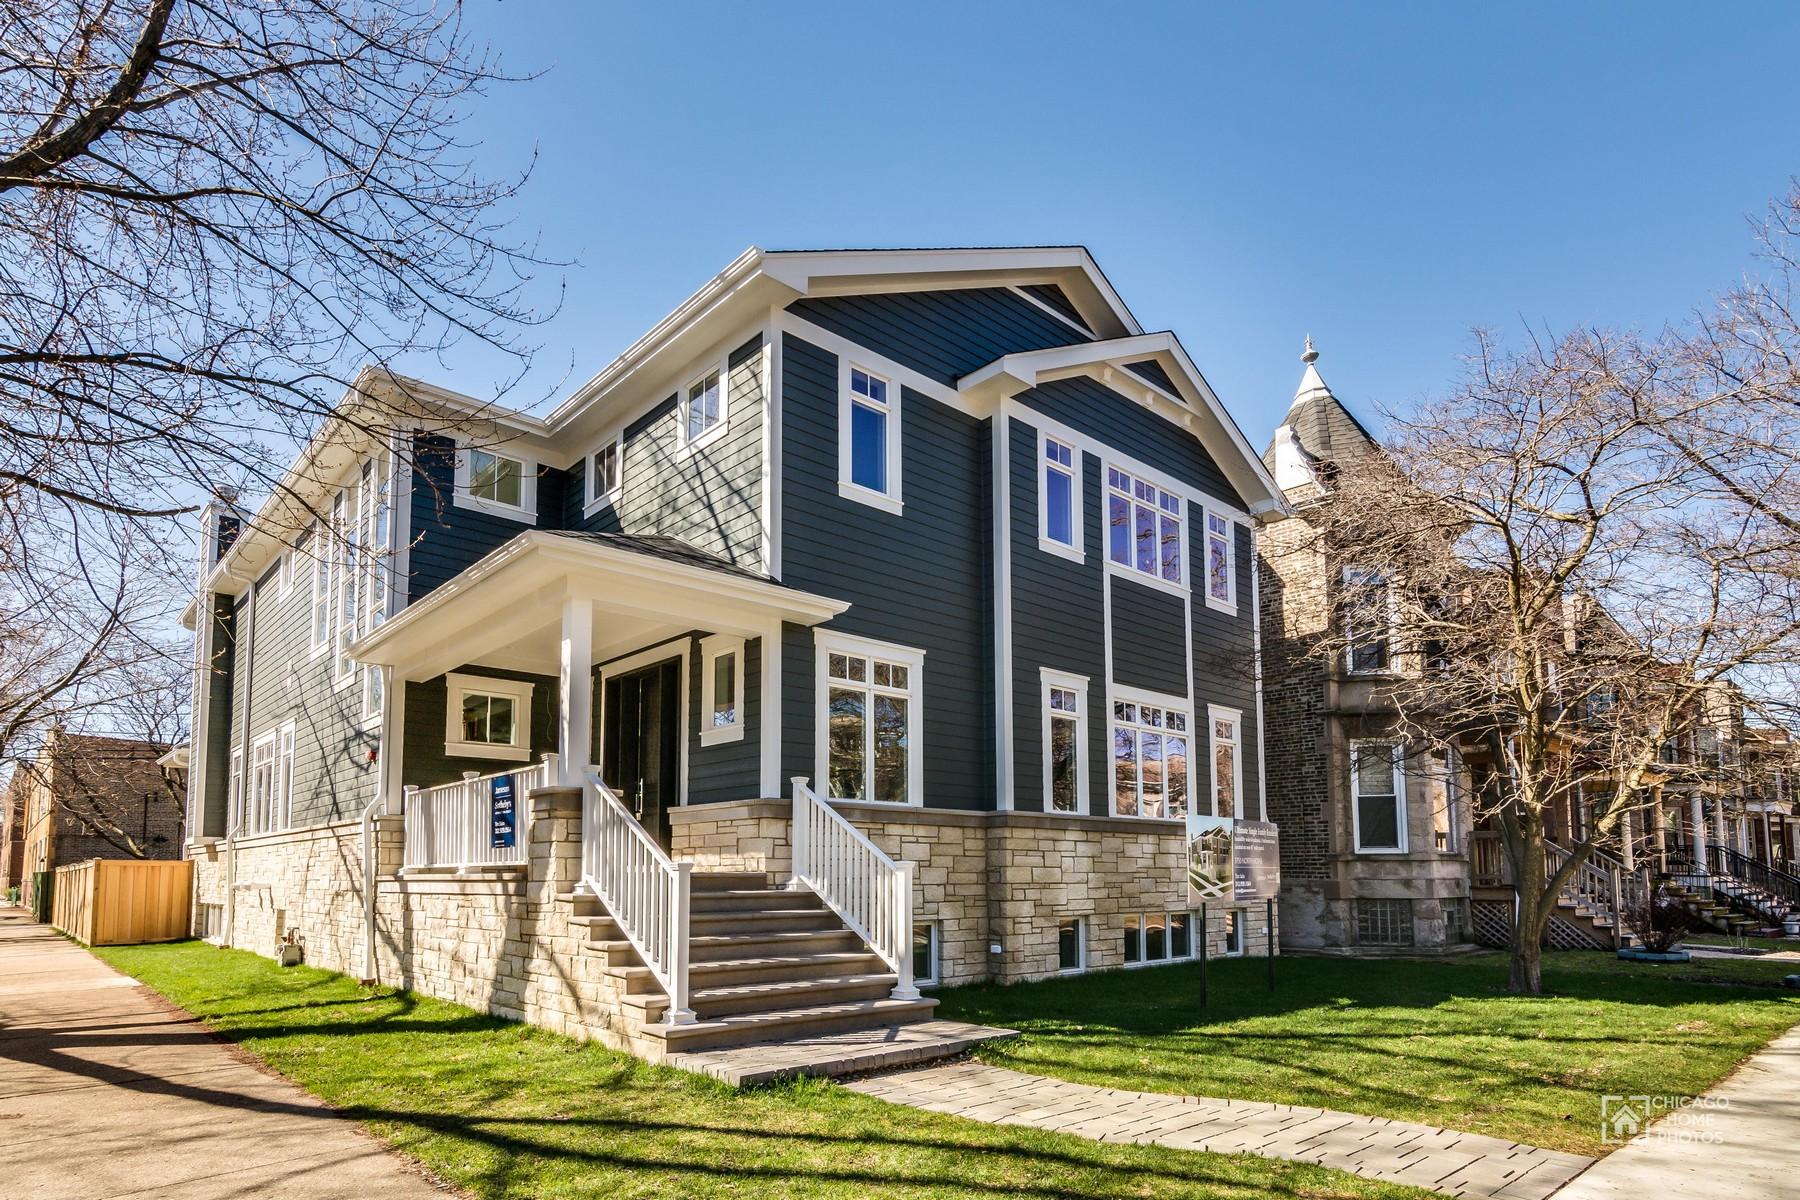 Tek Ailelik Ev için Satış at Gorgeous New Construction on Rare Corner Lot 3750 N Hoyne Avenue Chicago, Illinois, 60618 Amerika Birleşik Devletleri